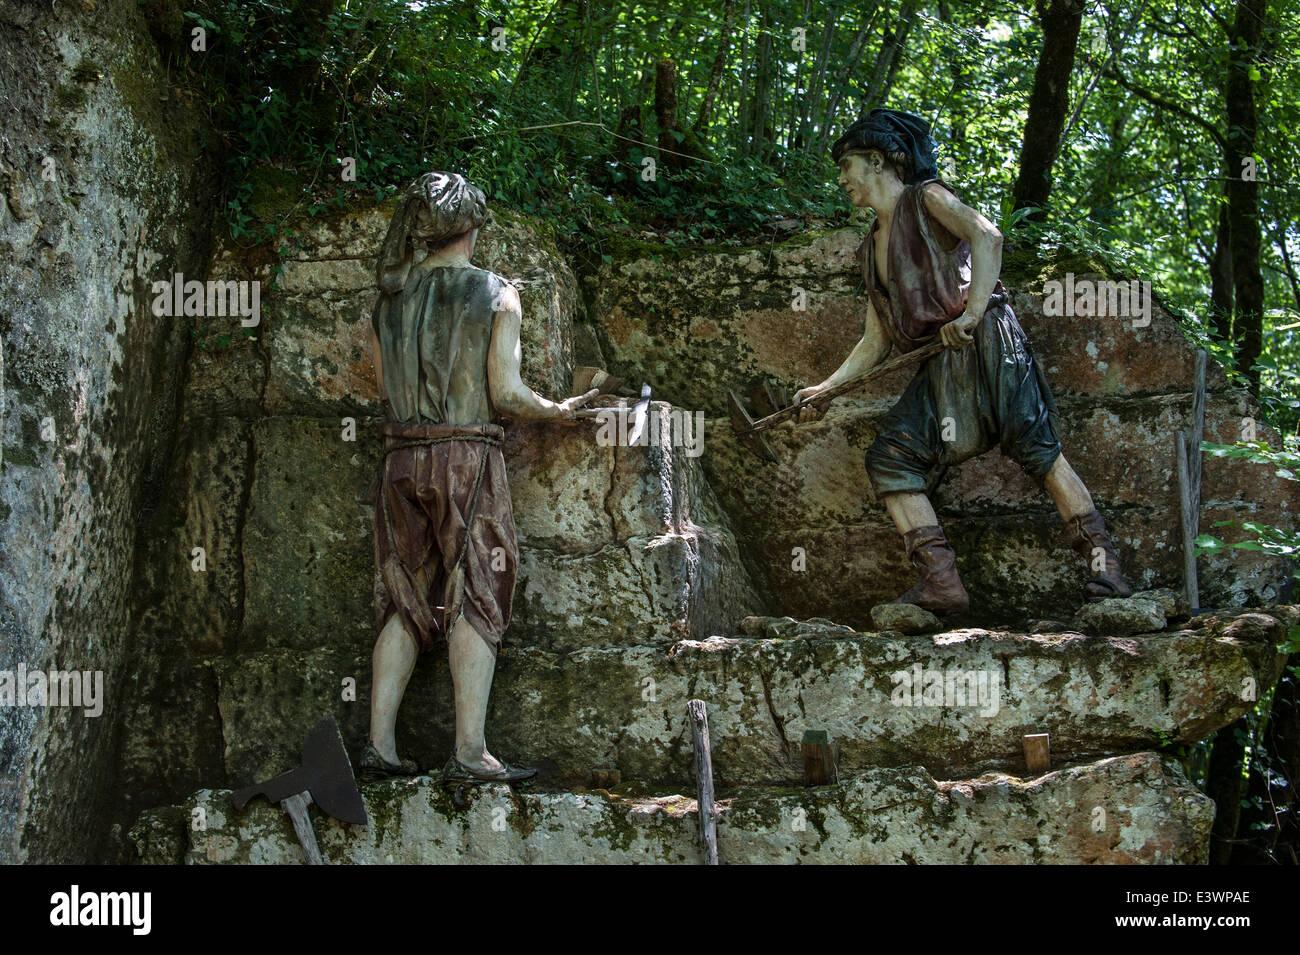 Medieval quarry workers cutting stones, Grottes du Roc de Cazelle, Les Eyzies, Dordogne, Périgord, France - Stock Image